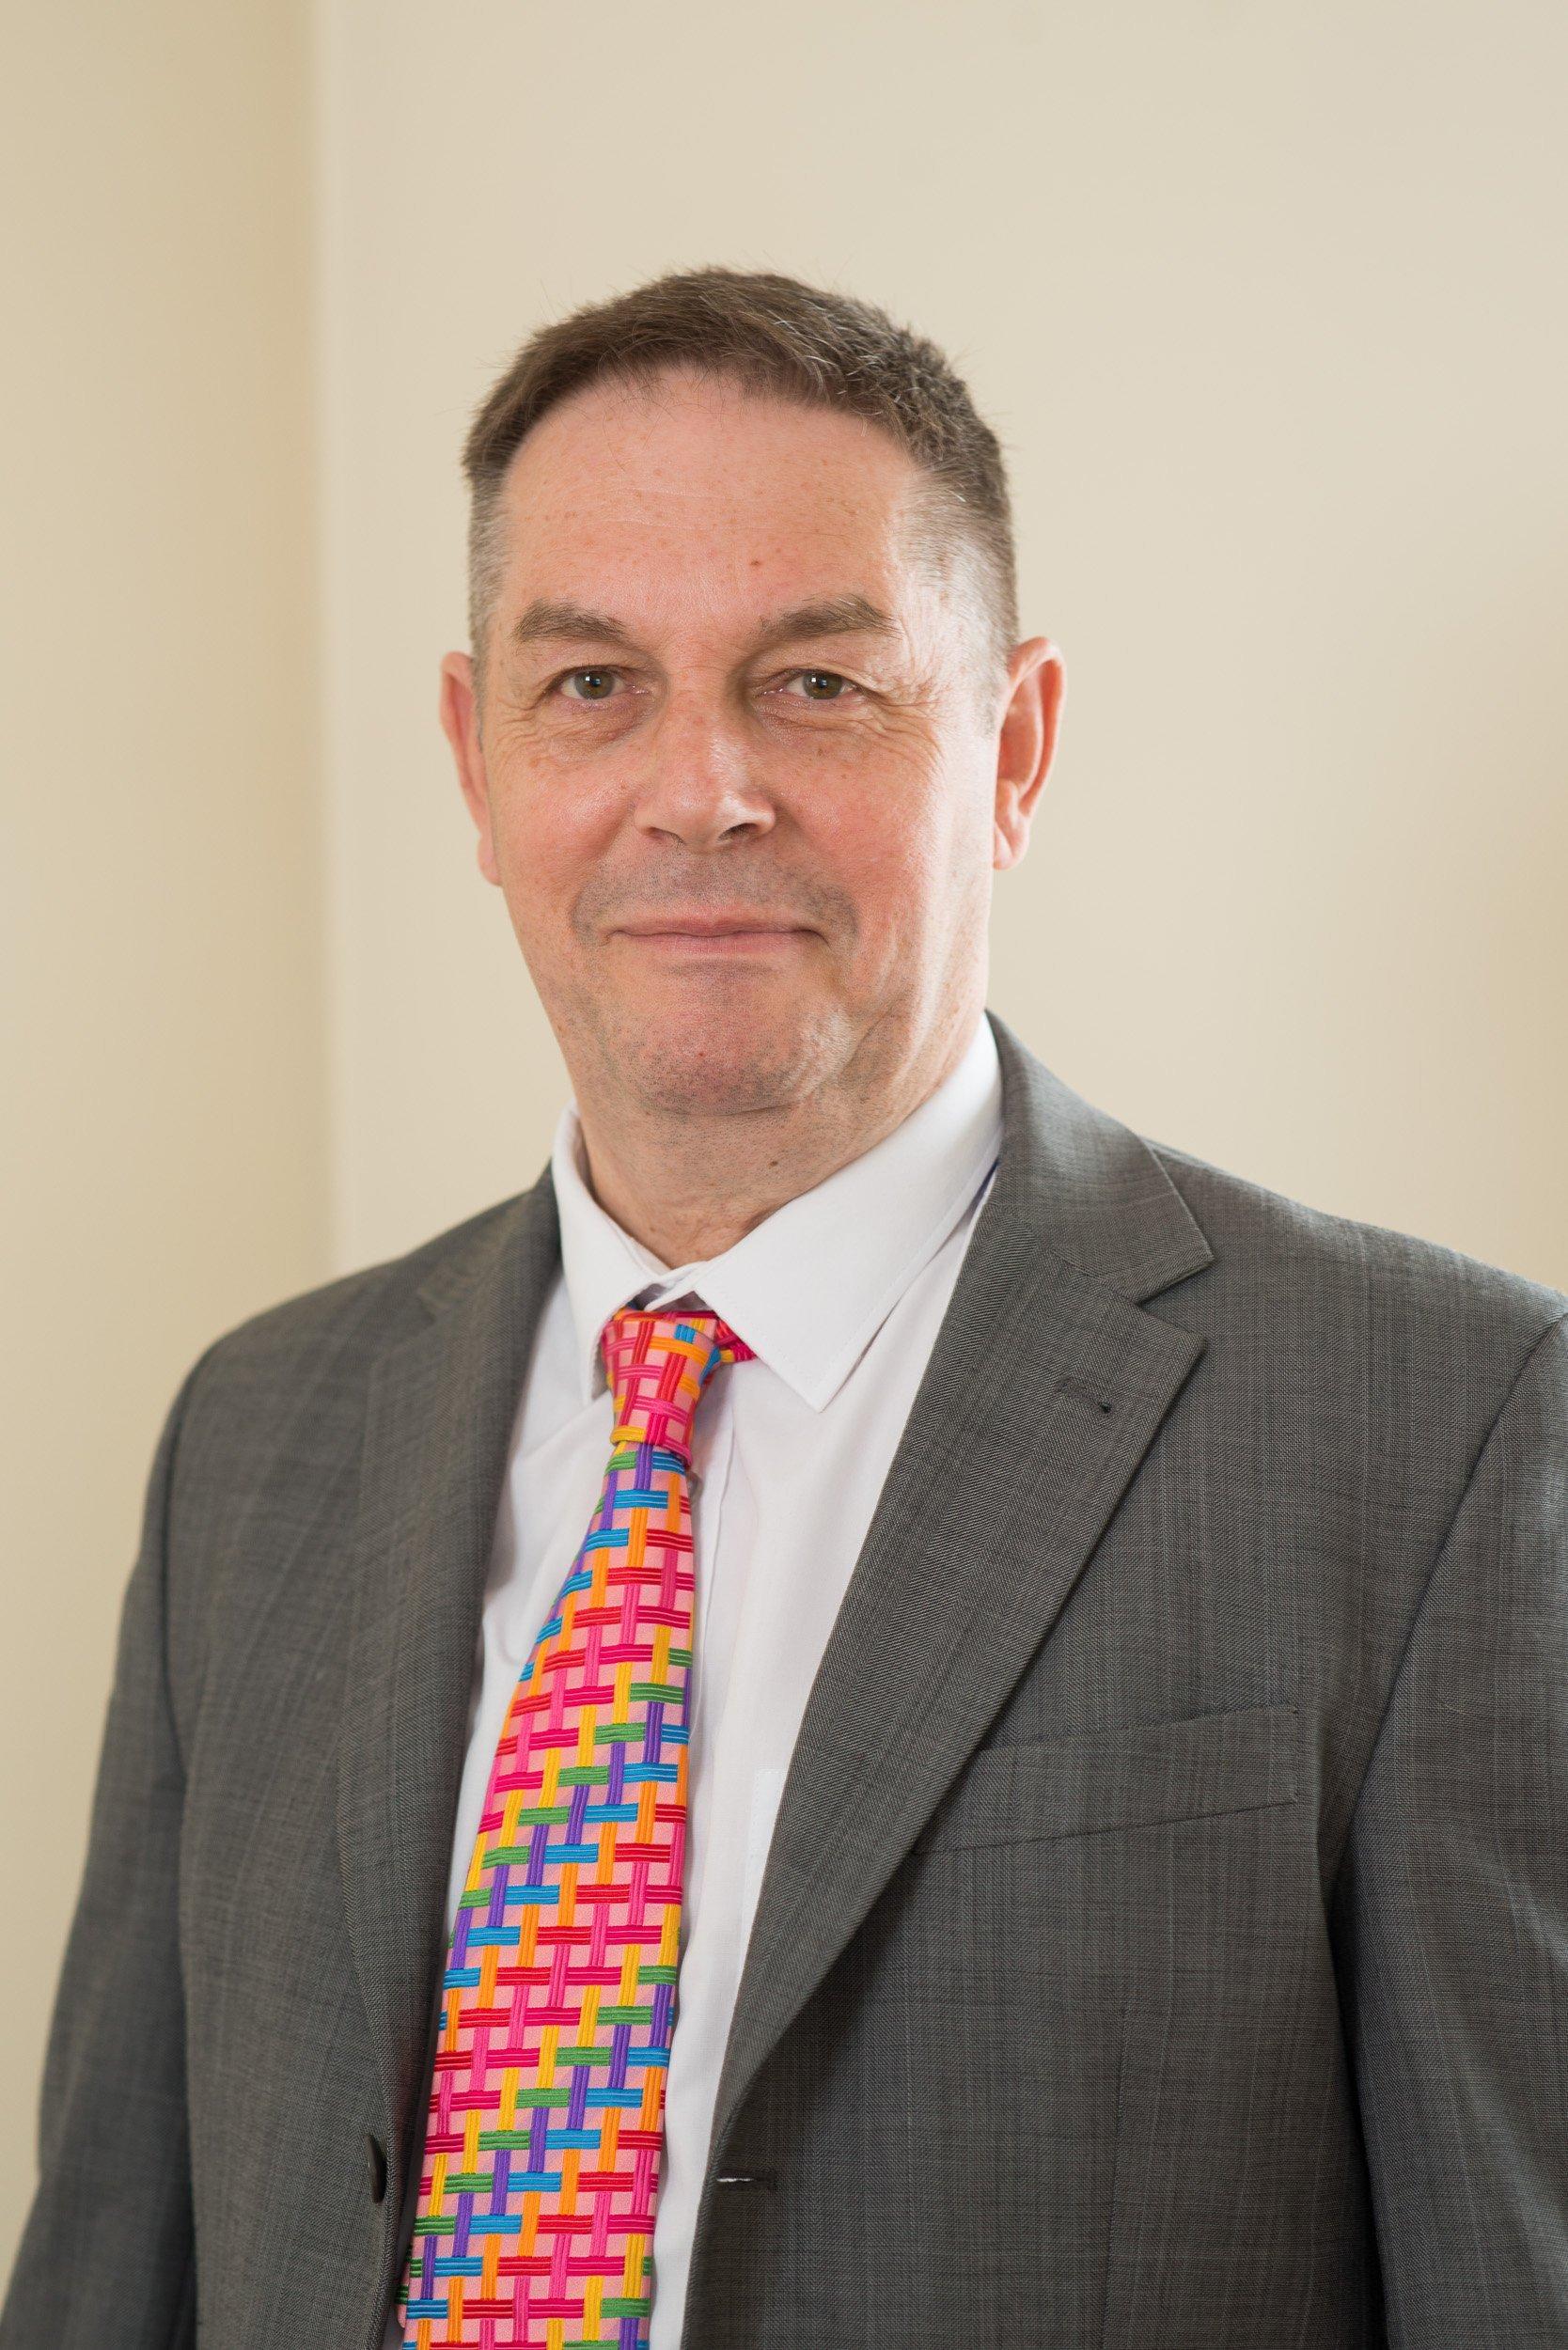 Alan Grant